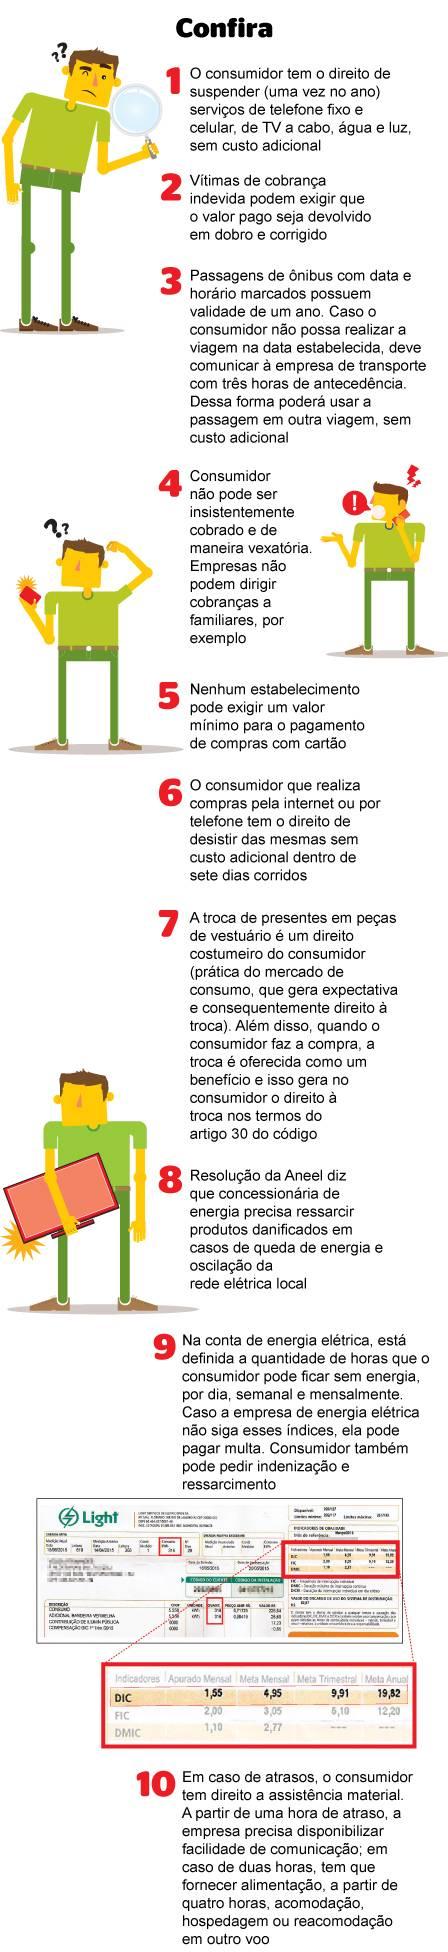 No Dia do Consumidor, confira 10 direitos pouco conhecidos da população